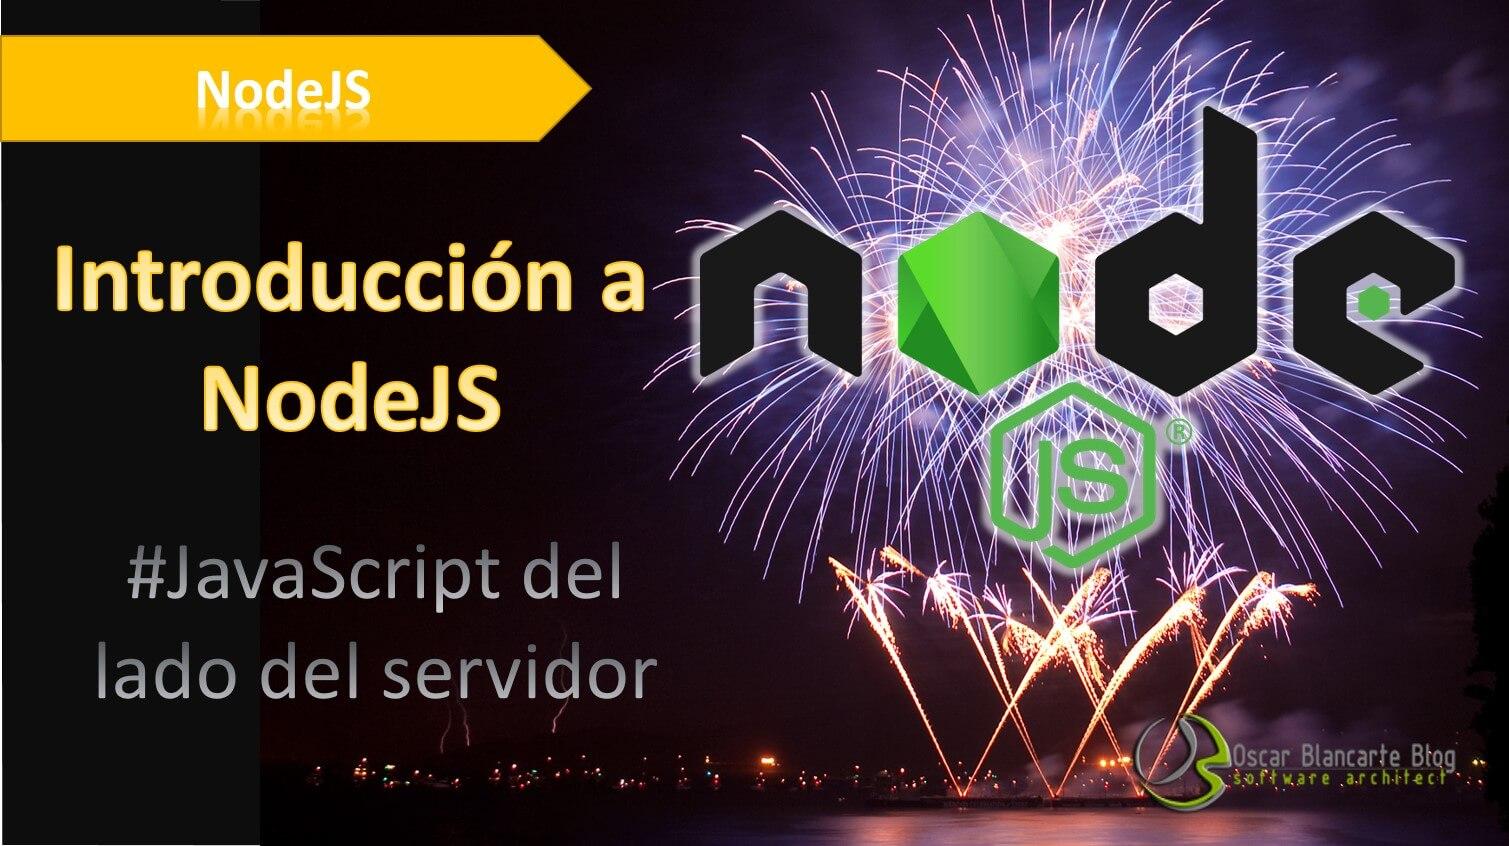 introducción a NodeJS